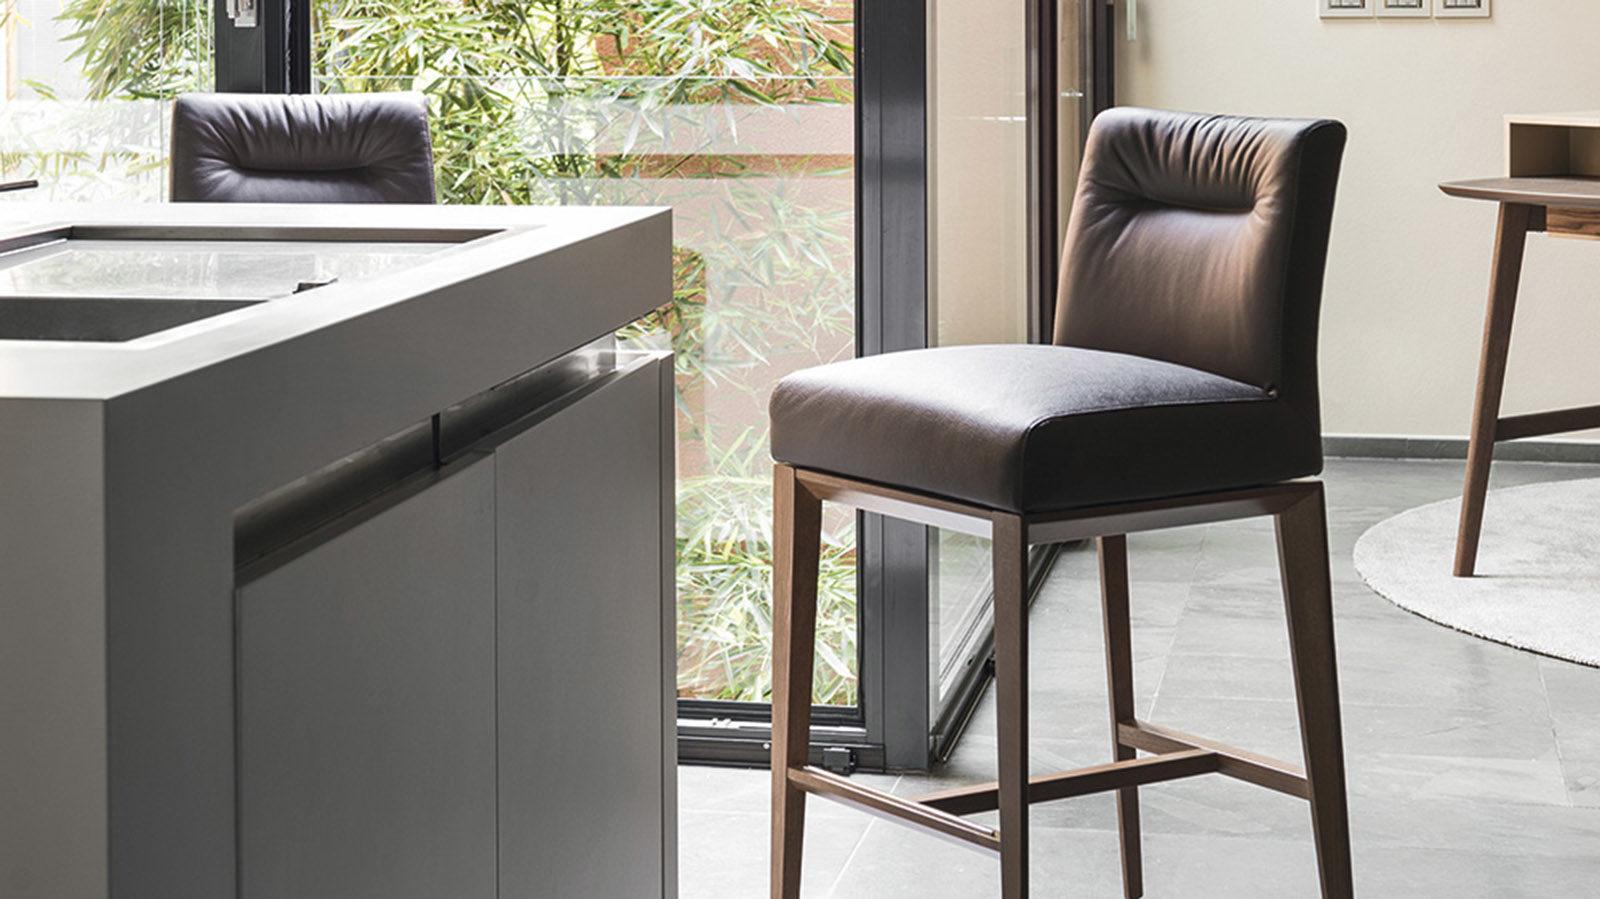 Сучасні меблі до кухні: переваги барних стільців